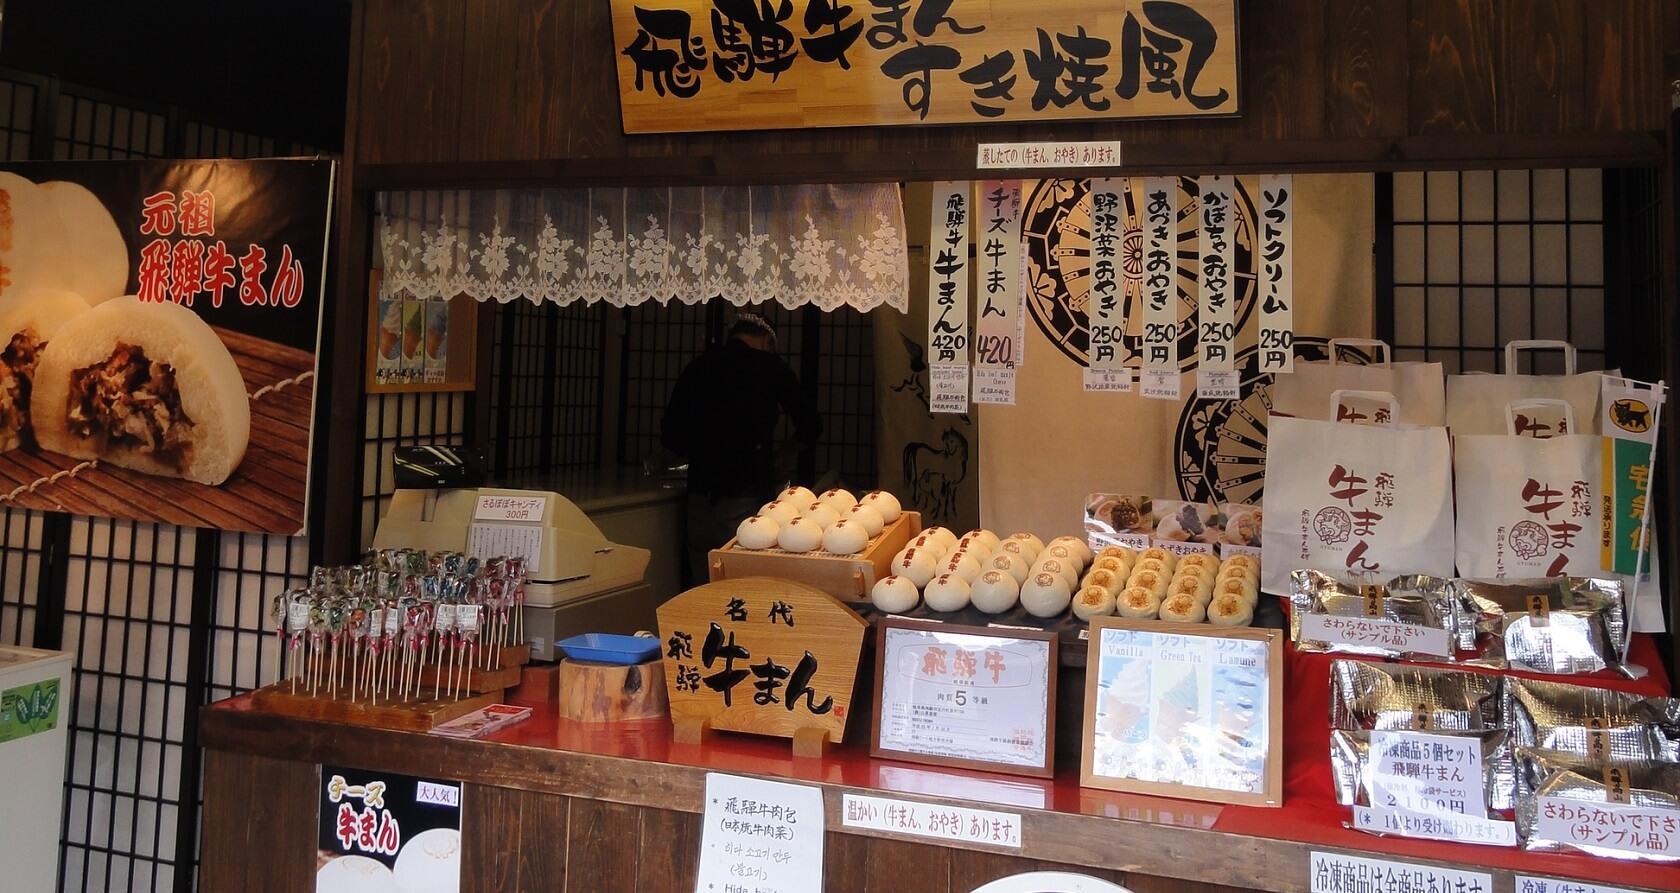 Takayama's Old Town Shopping